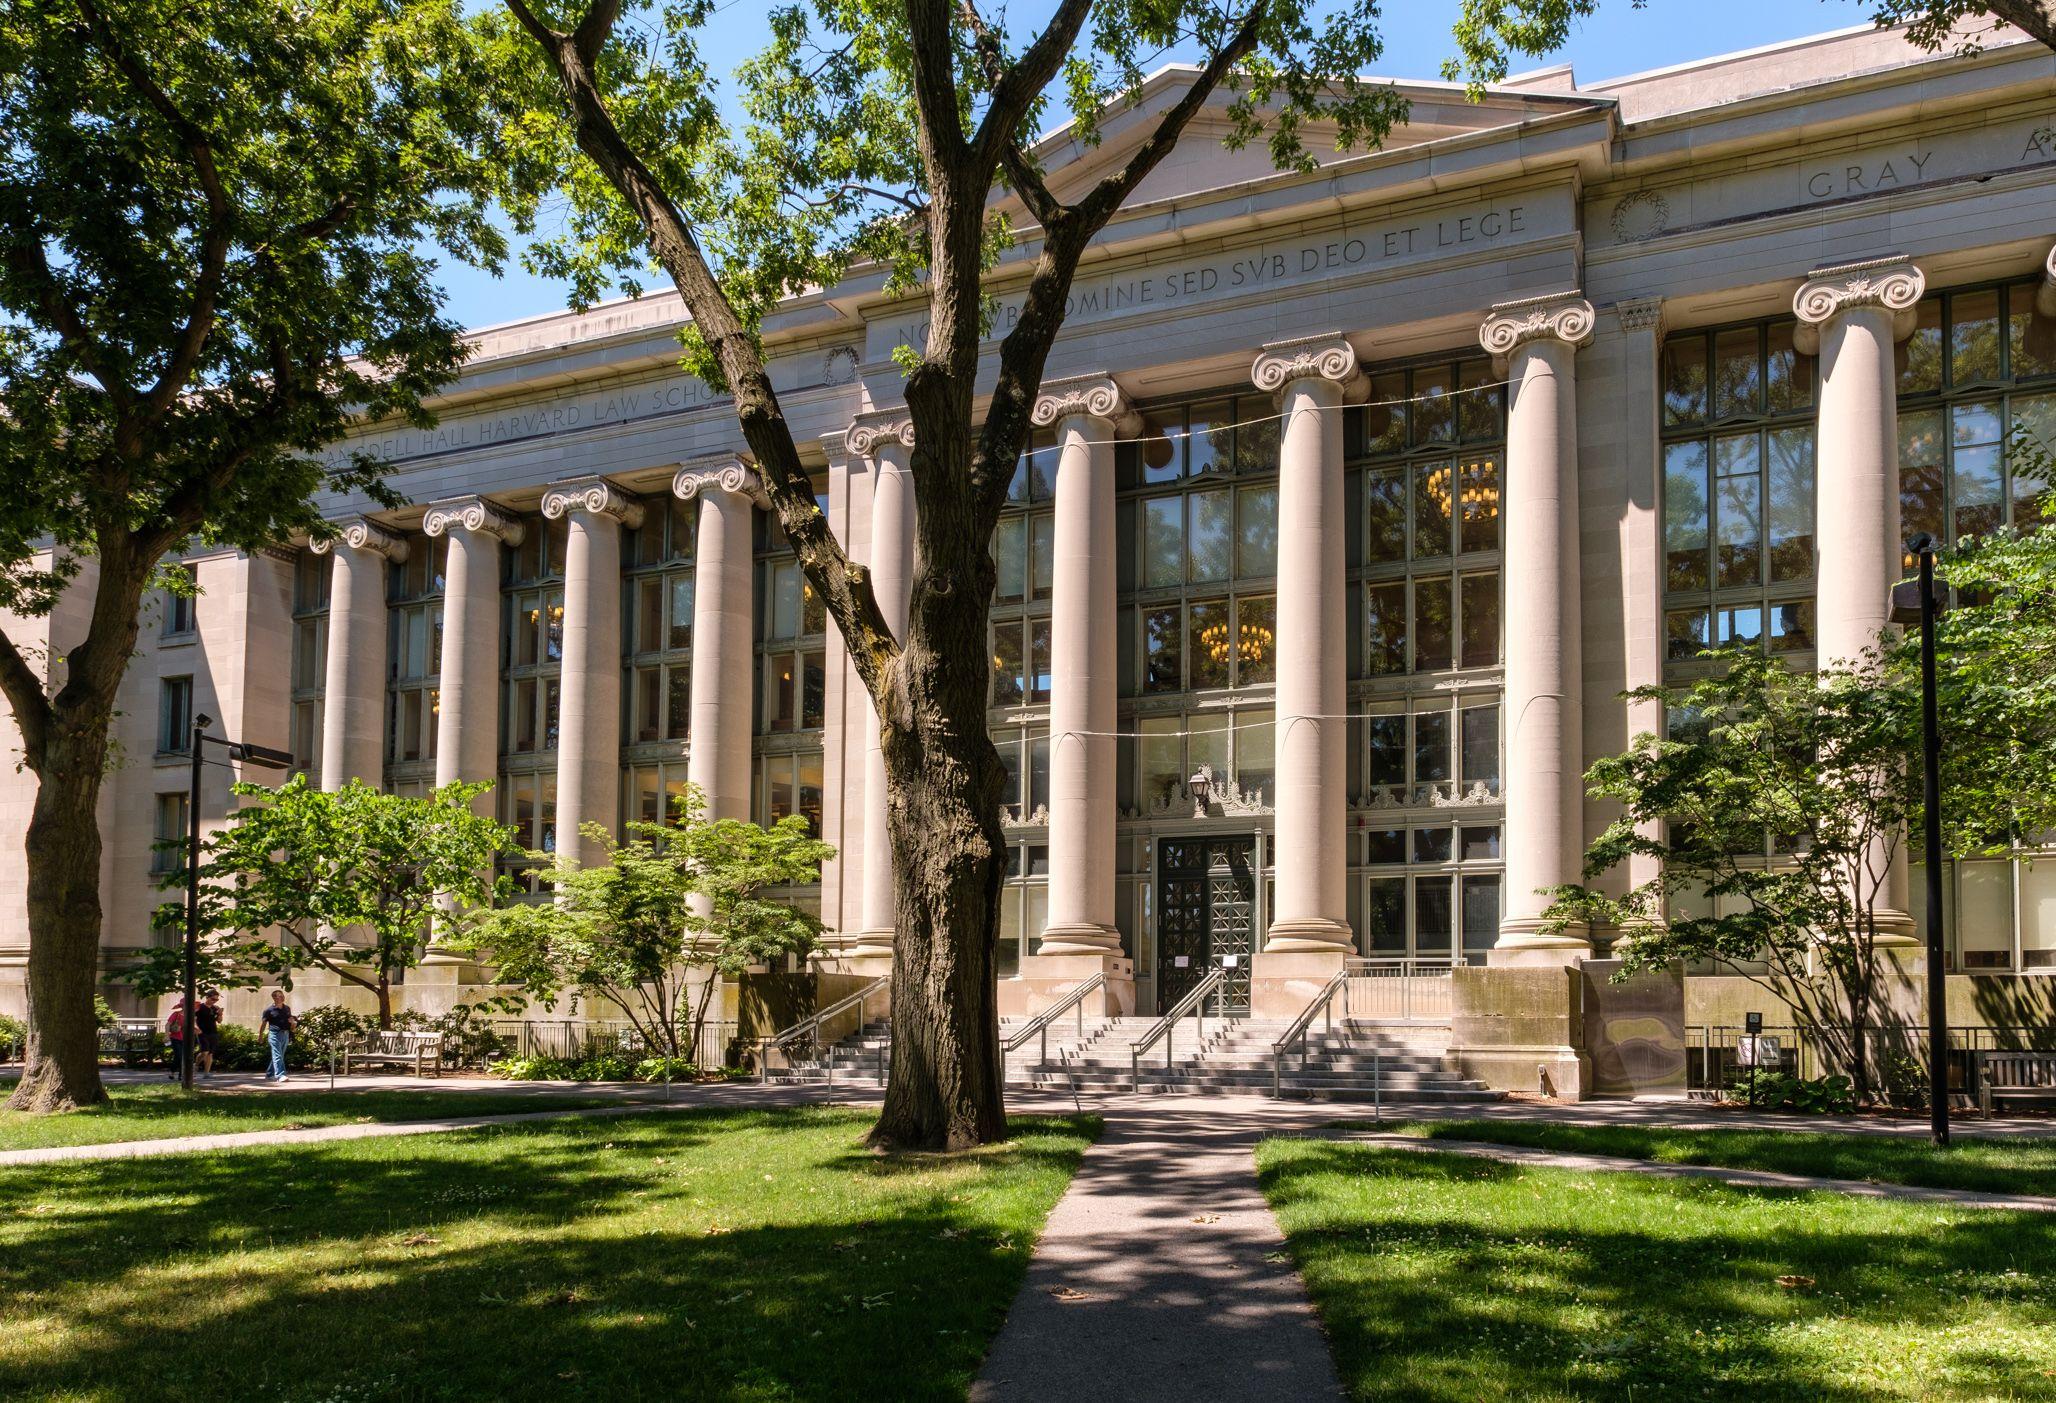 Il campus dell'università di Harvard  - alh1/Flickr